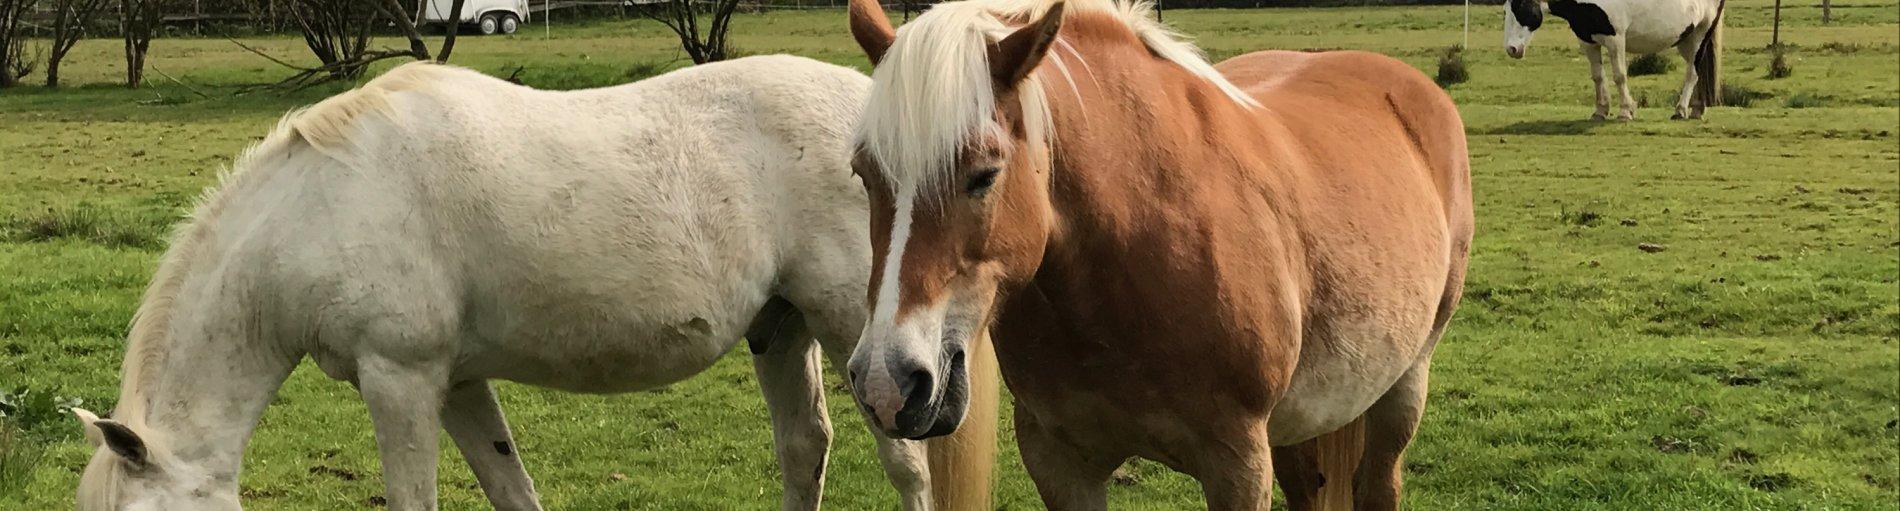 Pferde stehen auf einer grüne Wiese